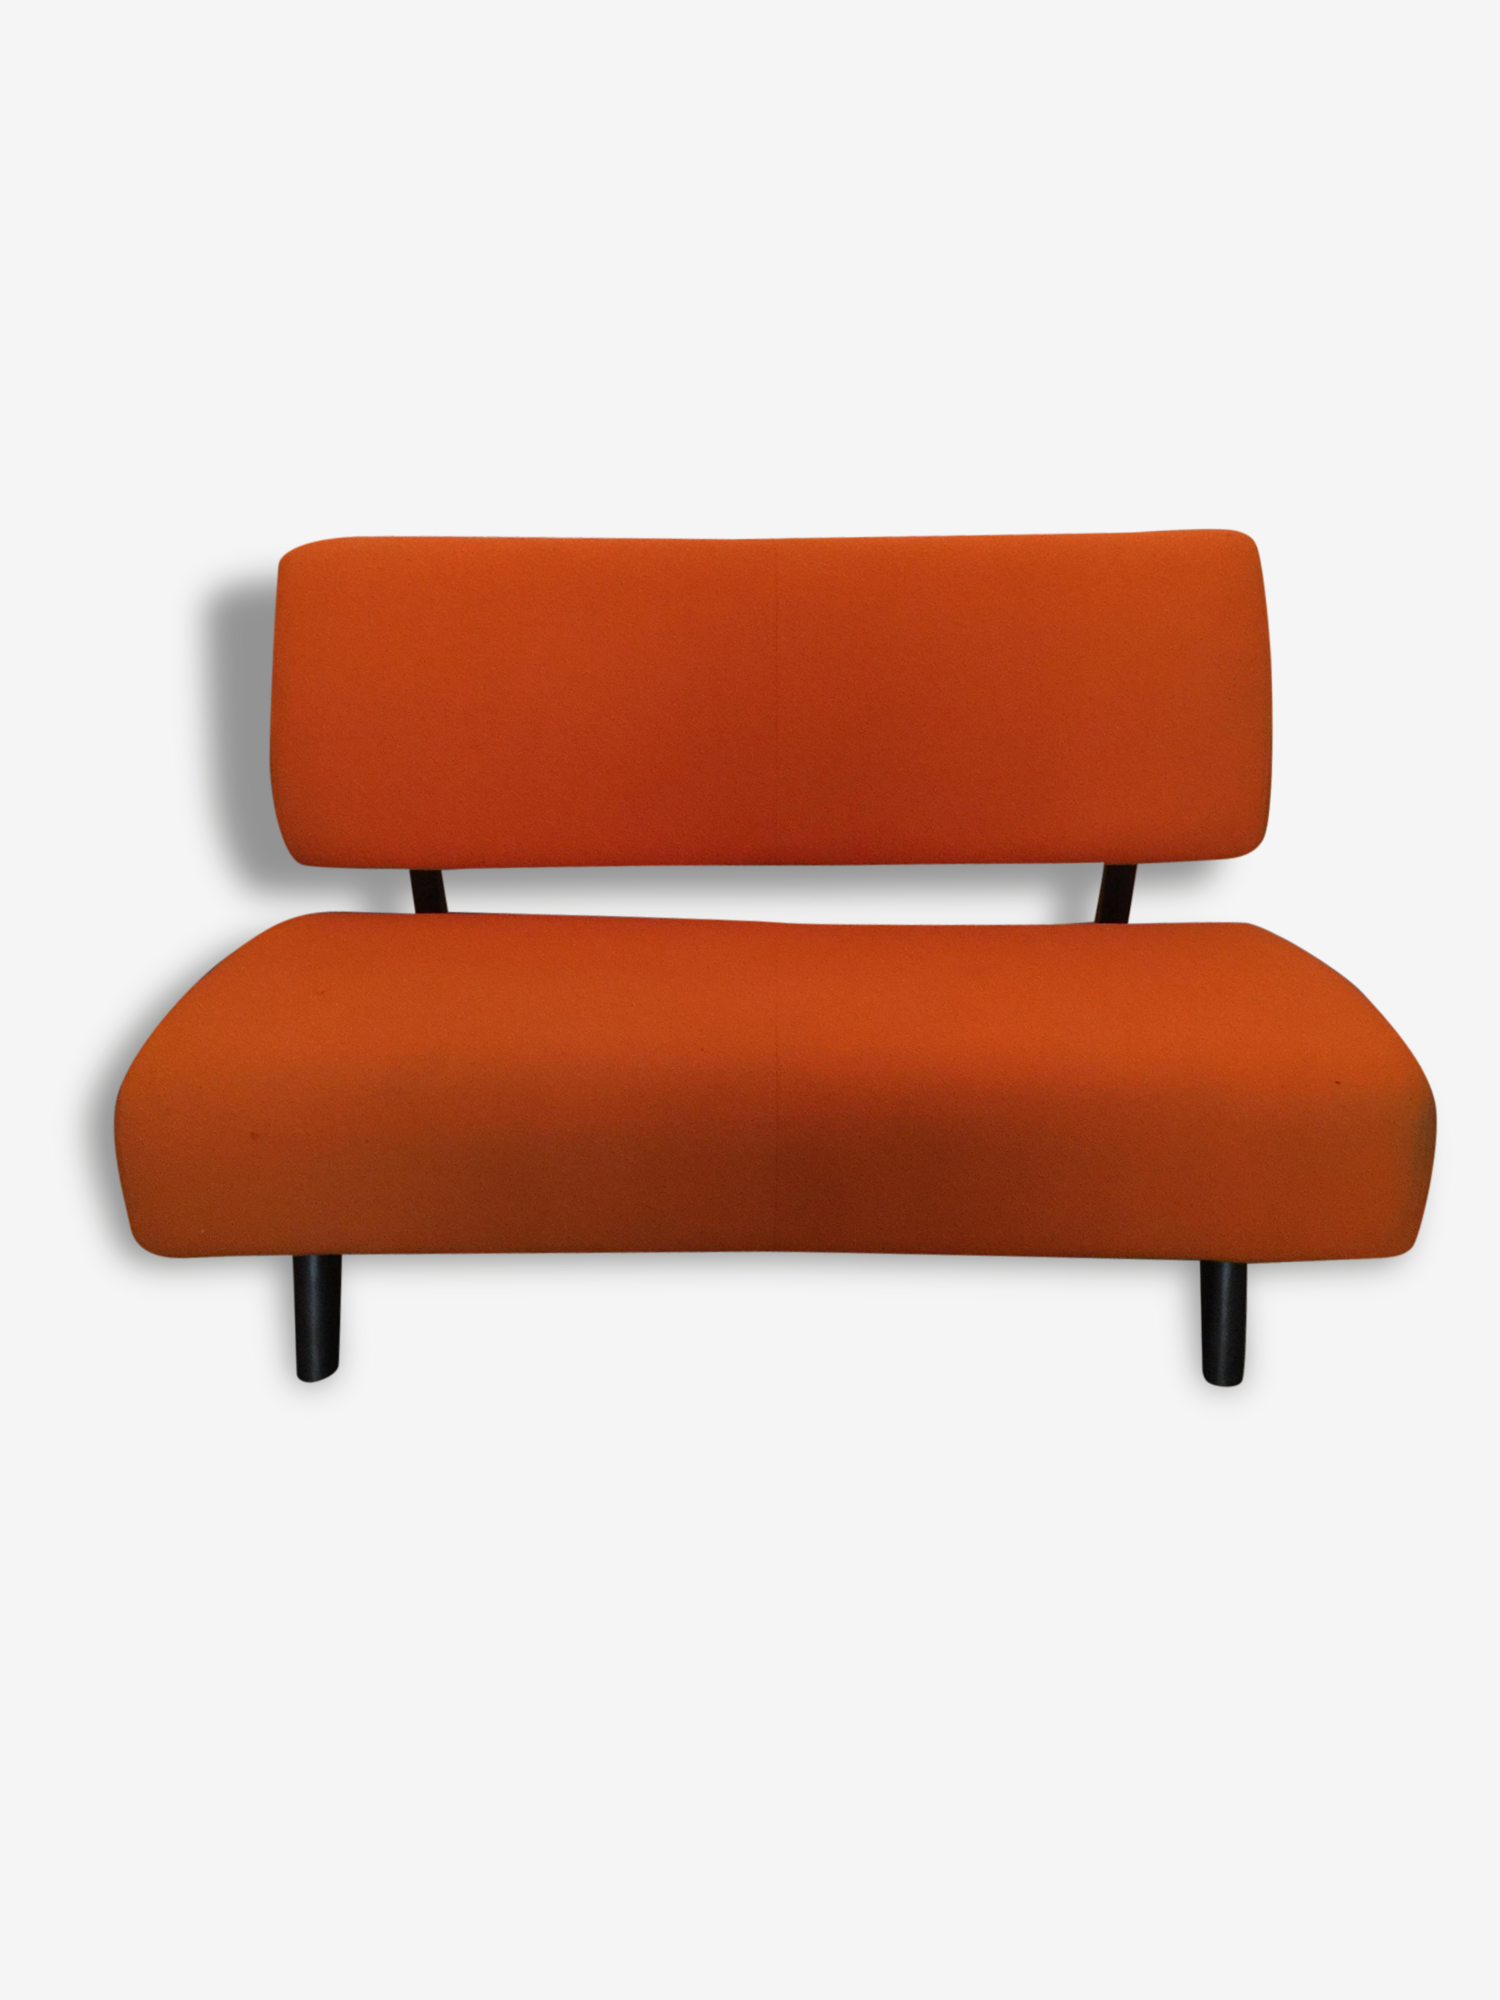 Canapé Sentou canapé orange galerie sentou - bois (matériau) - orange - design